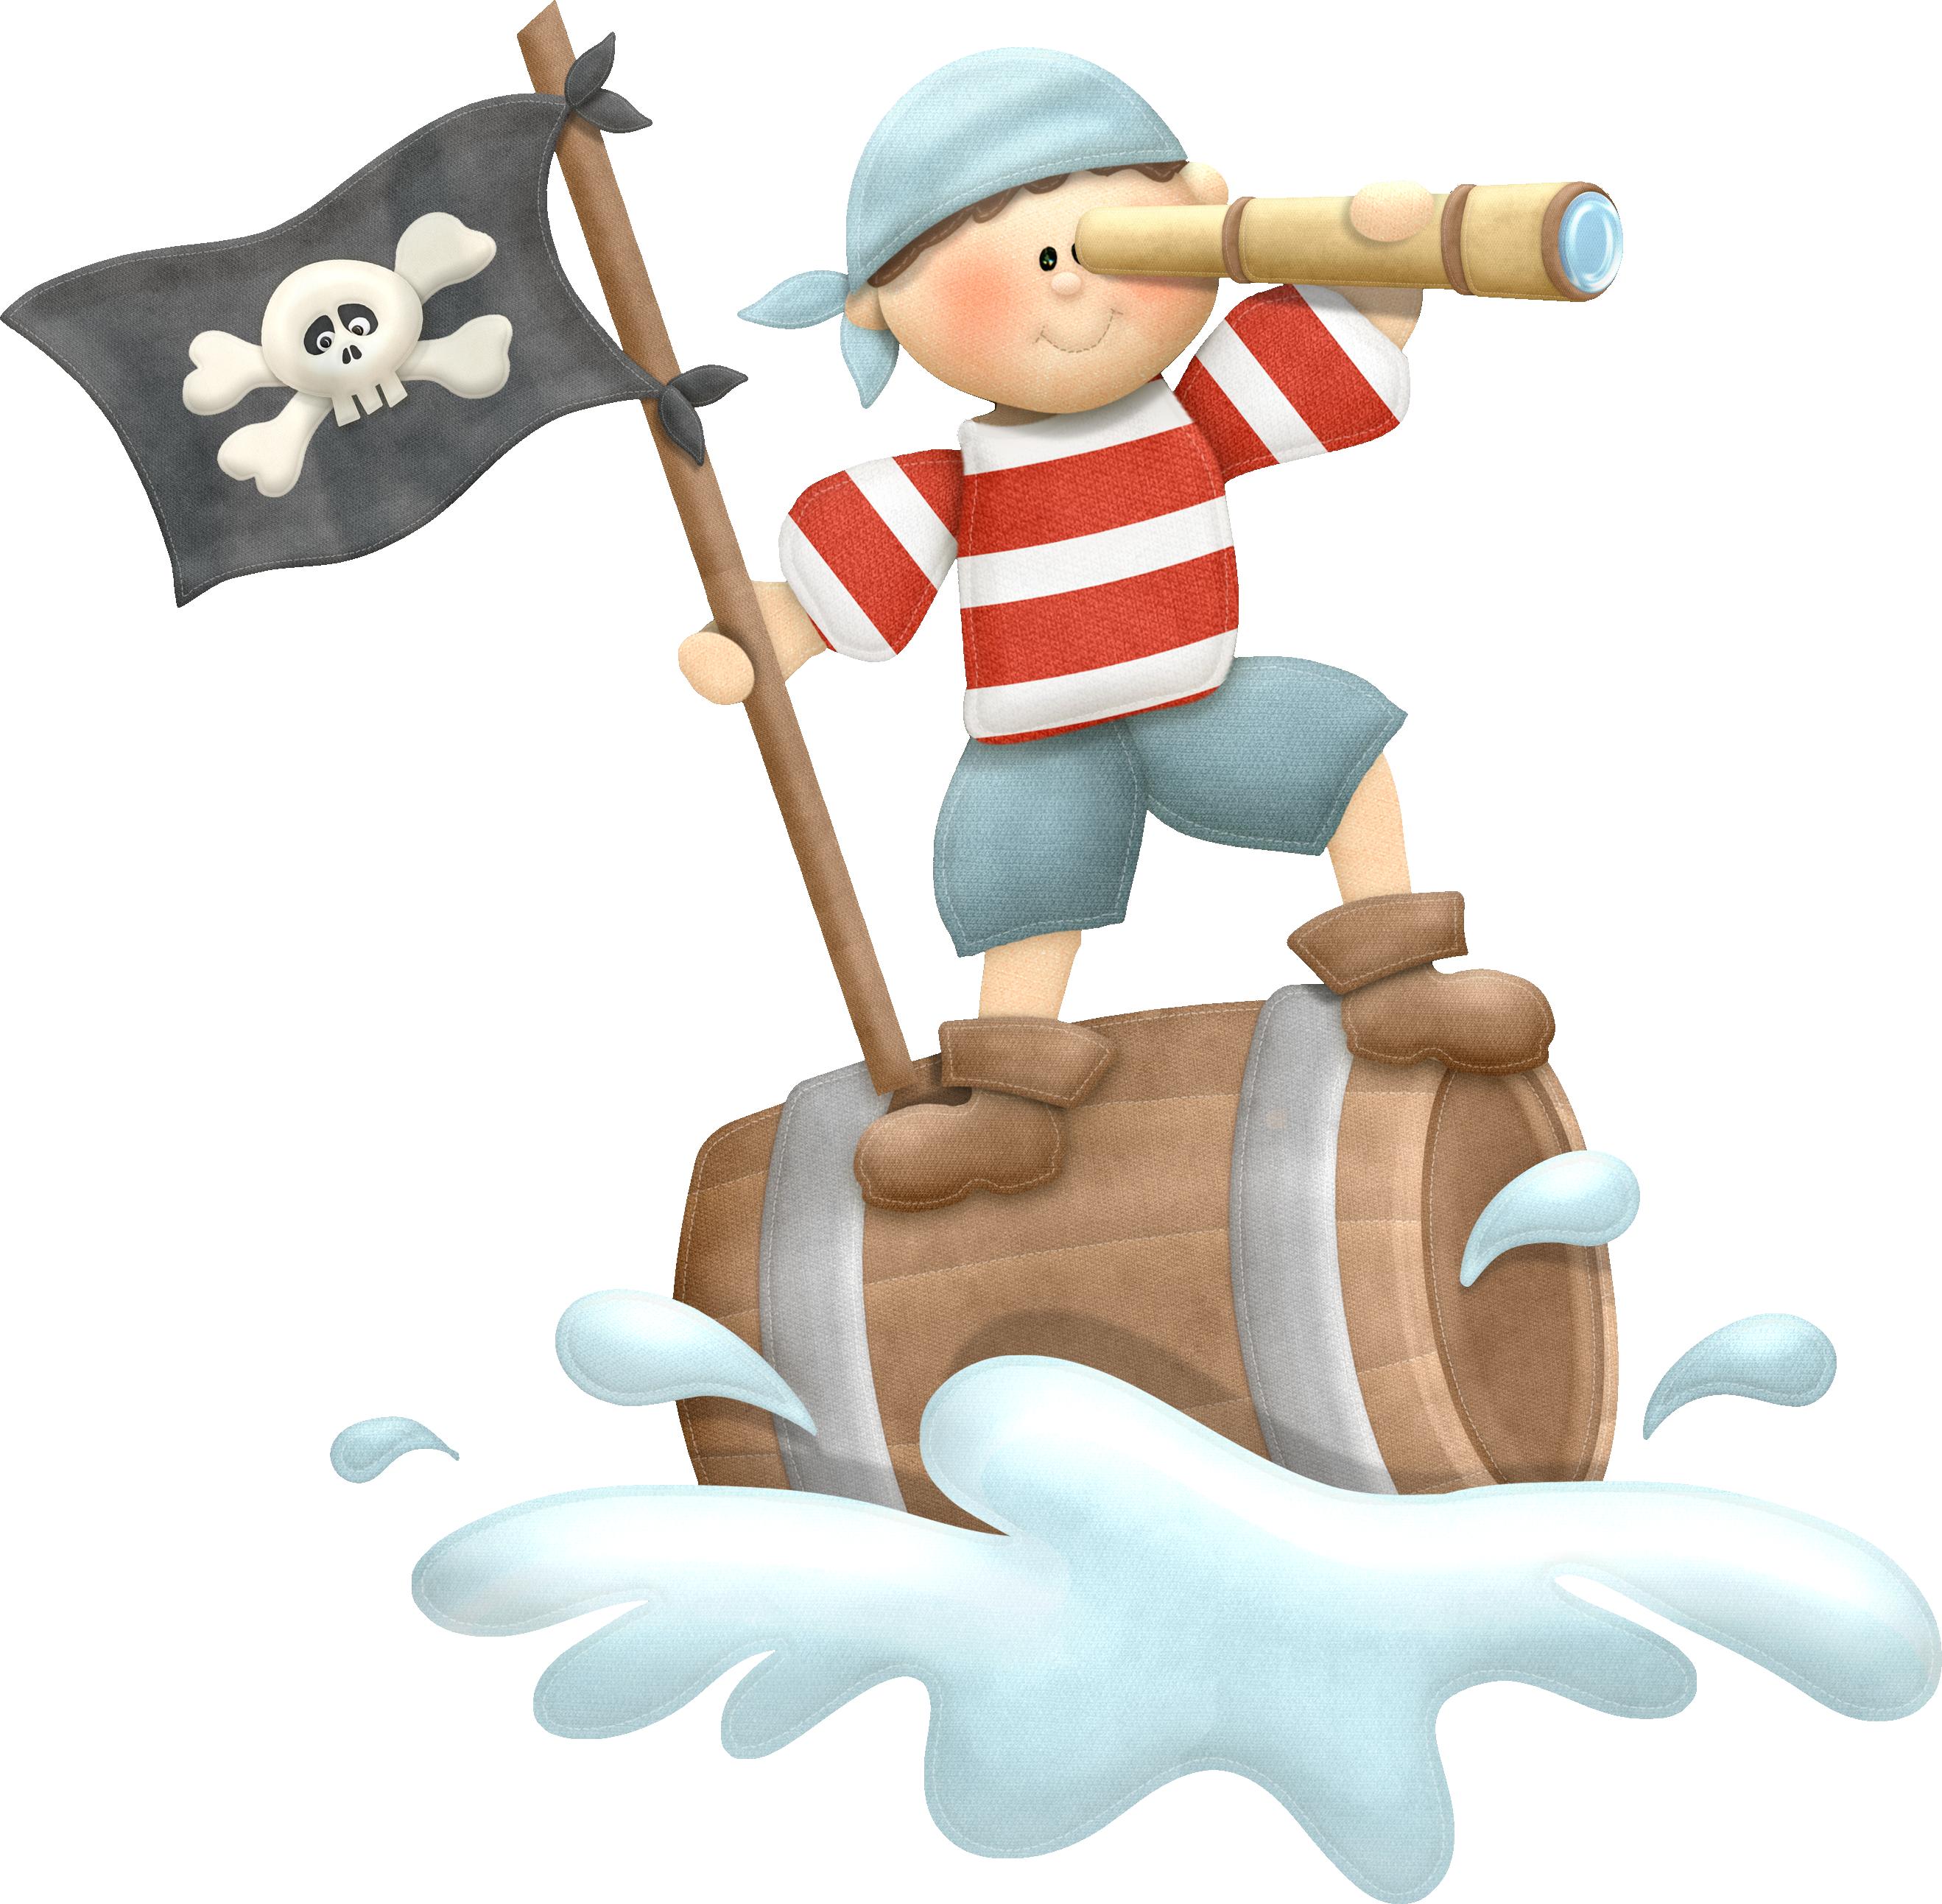 Im genes infantiles pirata con barril - Imagenes de piratas infantiles ...